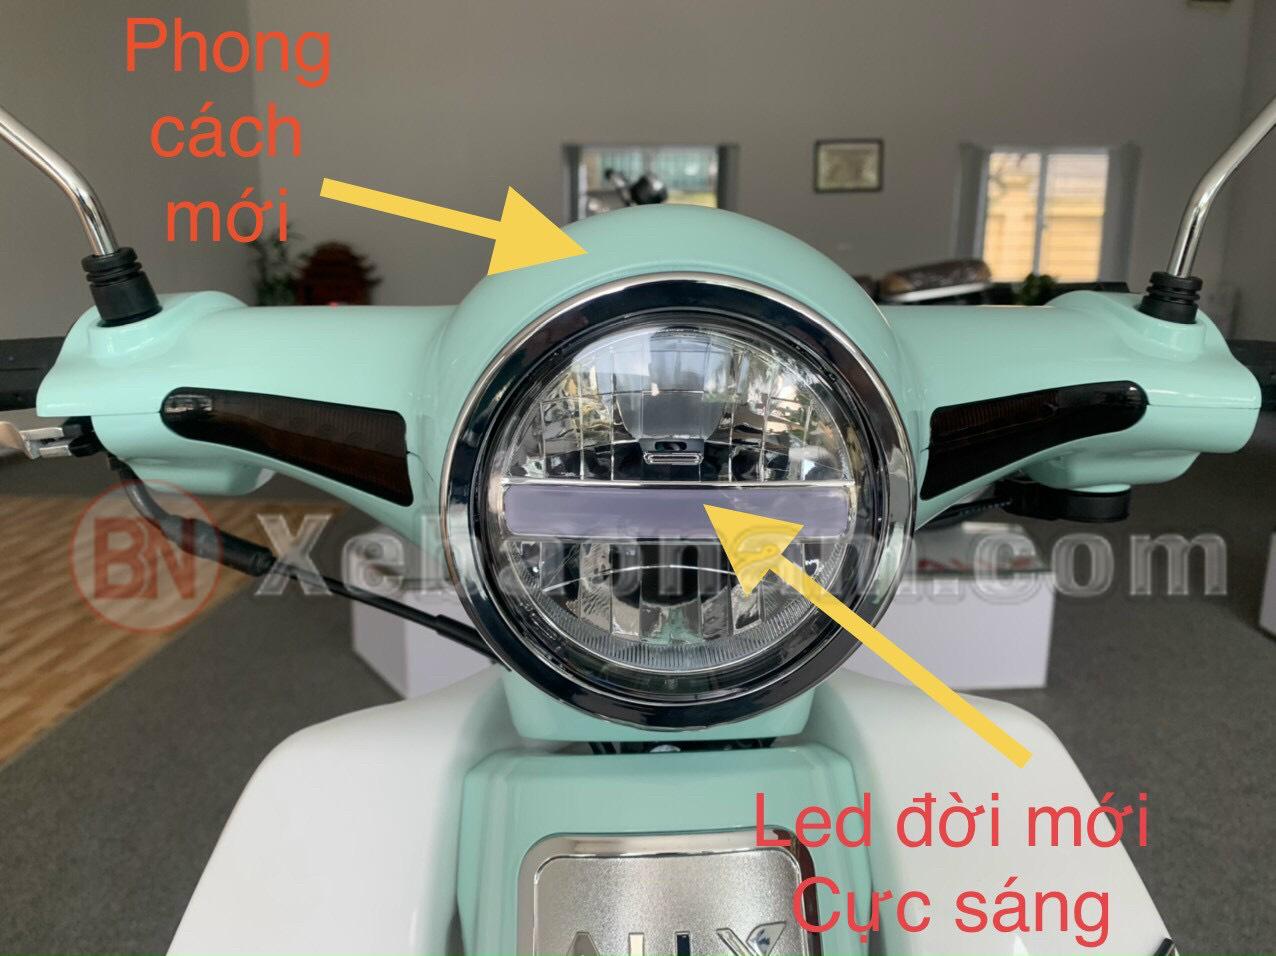 ALLY New 50 phiên bản mới với thiết kế đèn pha tách riêng với đầu xe cuốn hút